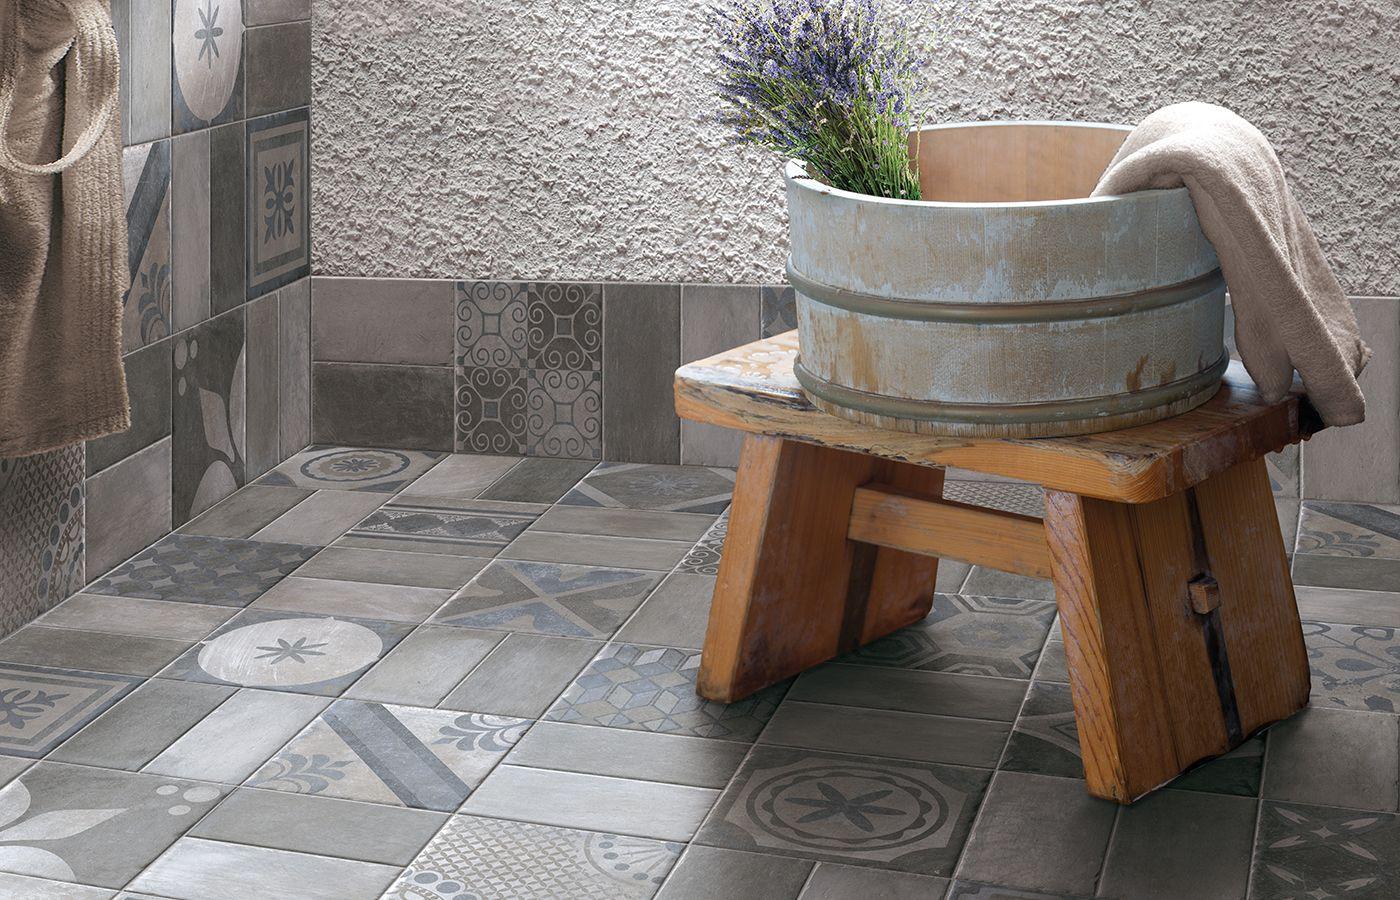 Classic cir manifatture ceramiche new orleans for Ceramiche cir